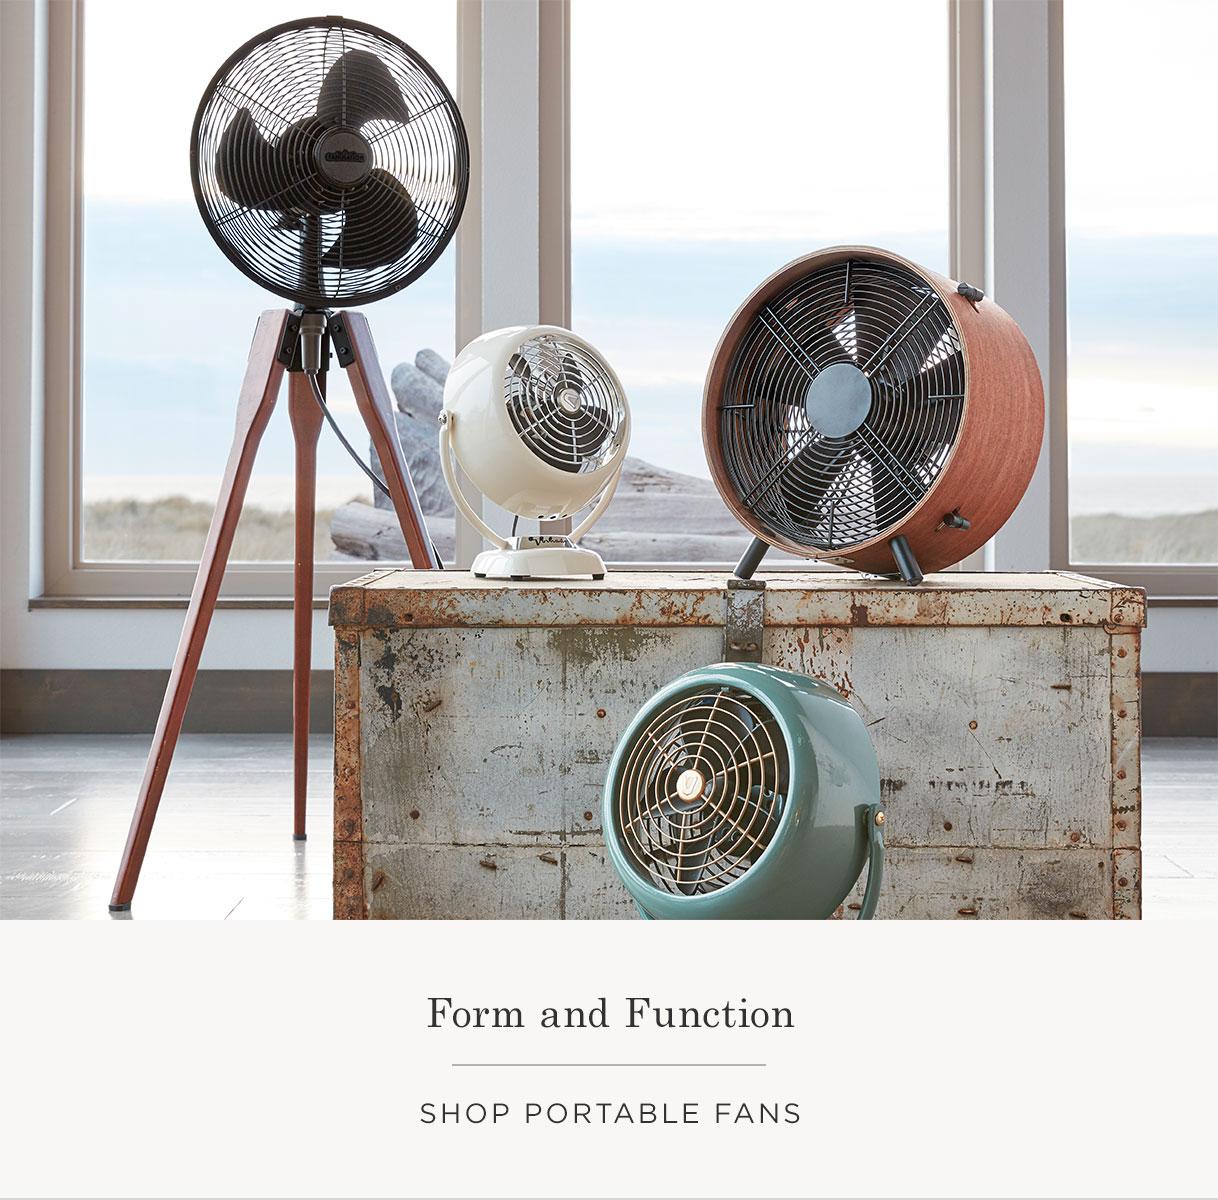 Shop Portable Fans